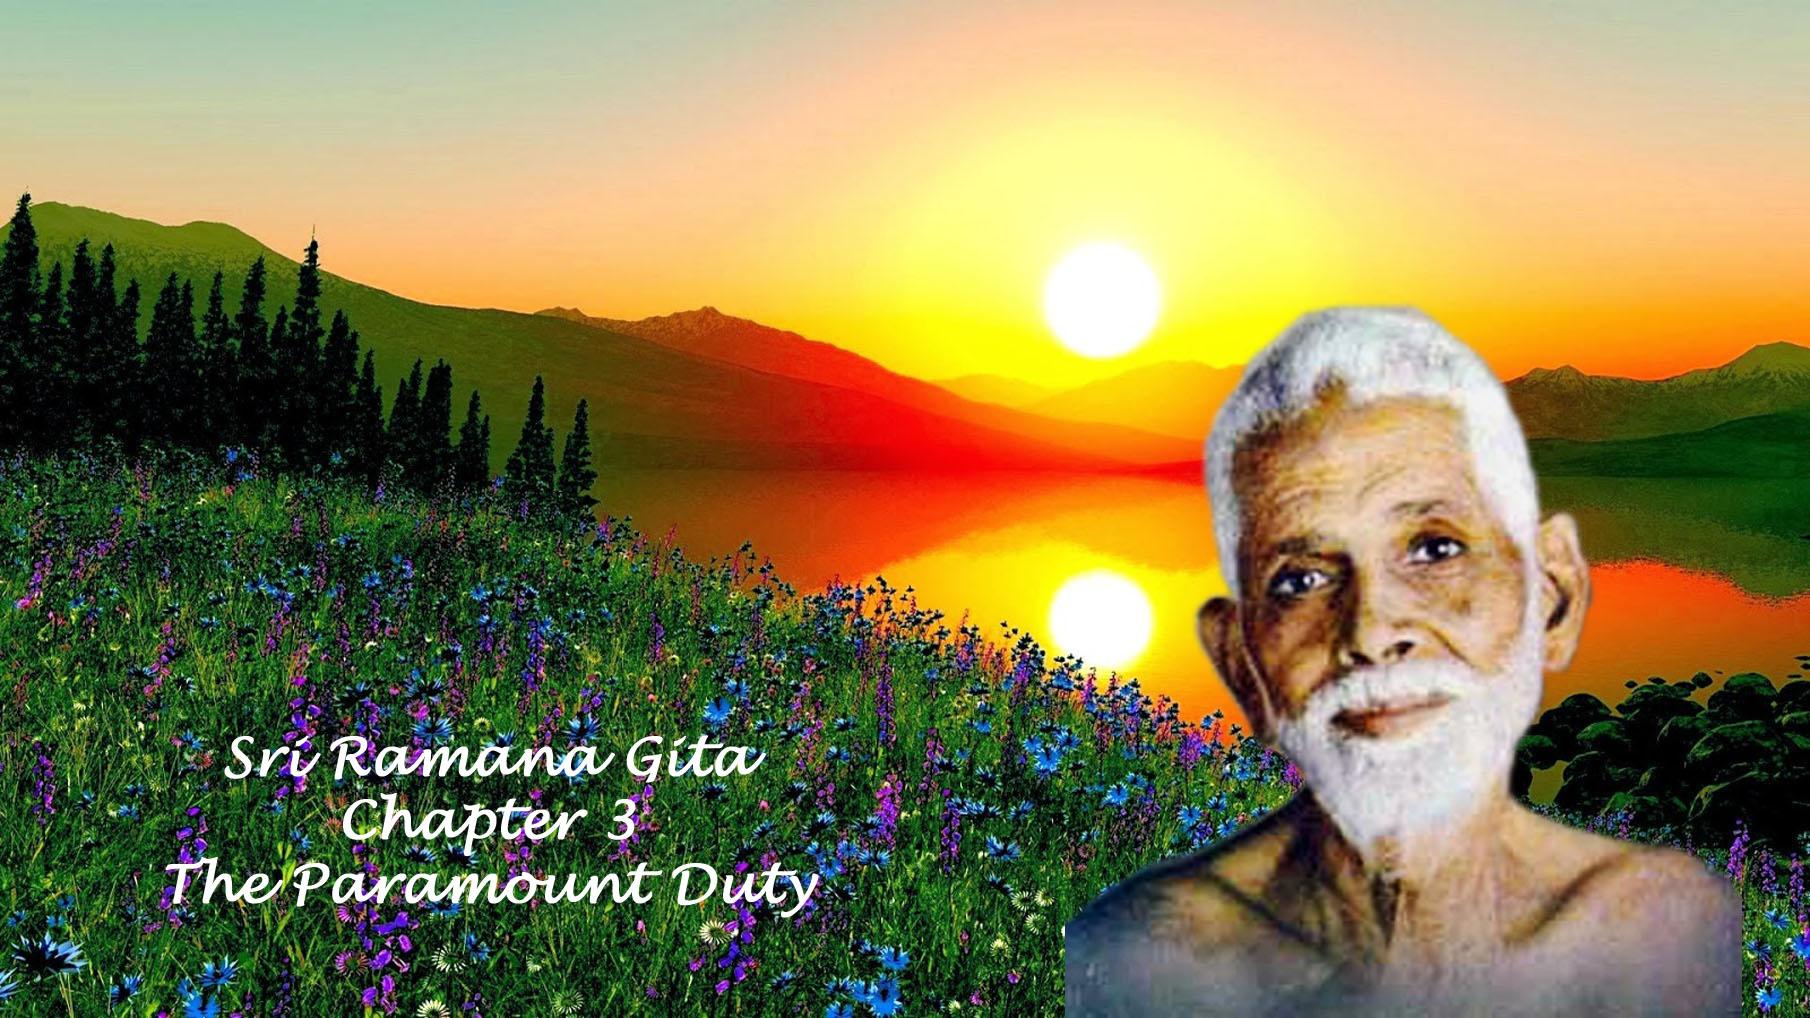 Ramana Gita - Chapter 3 - The Paramount Duty